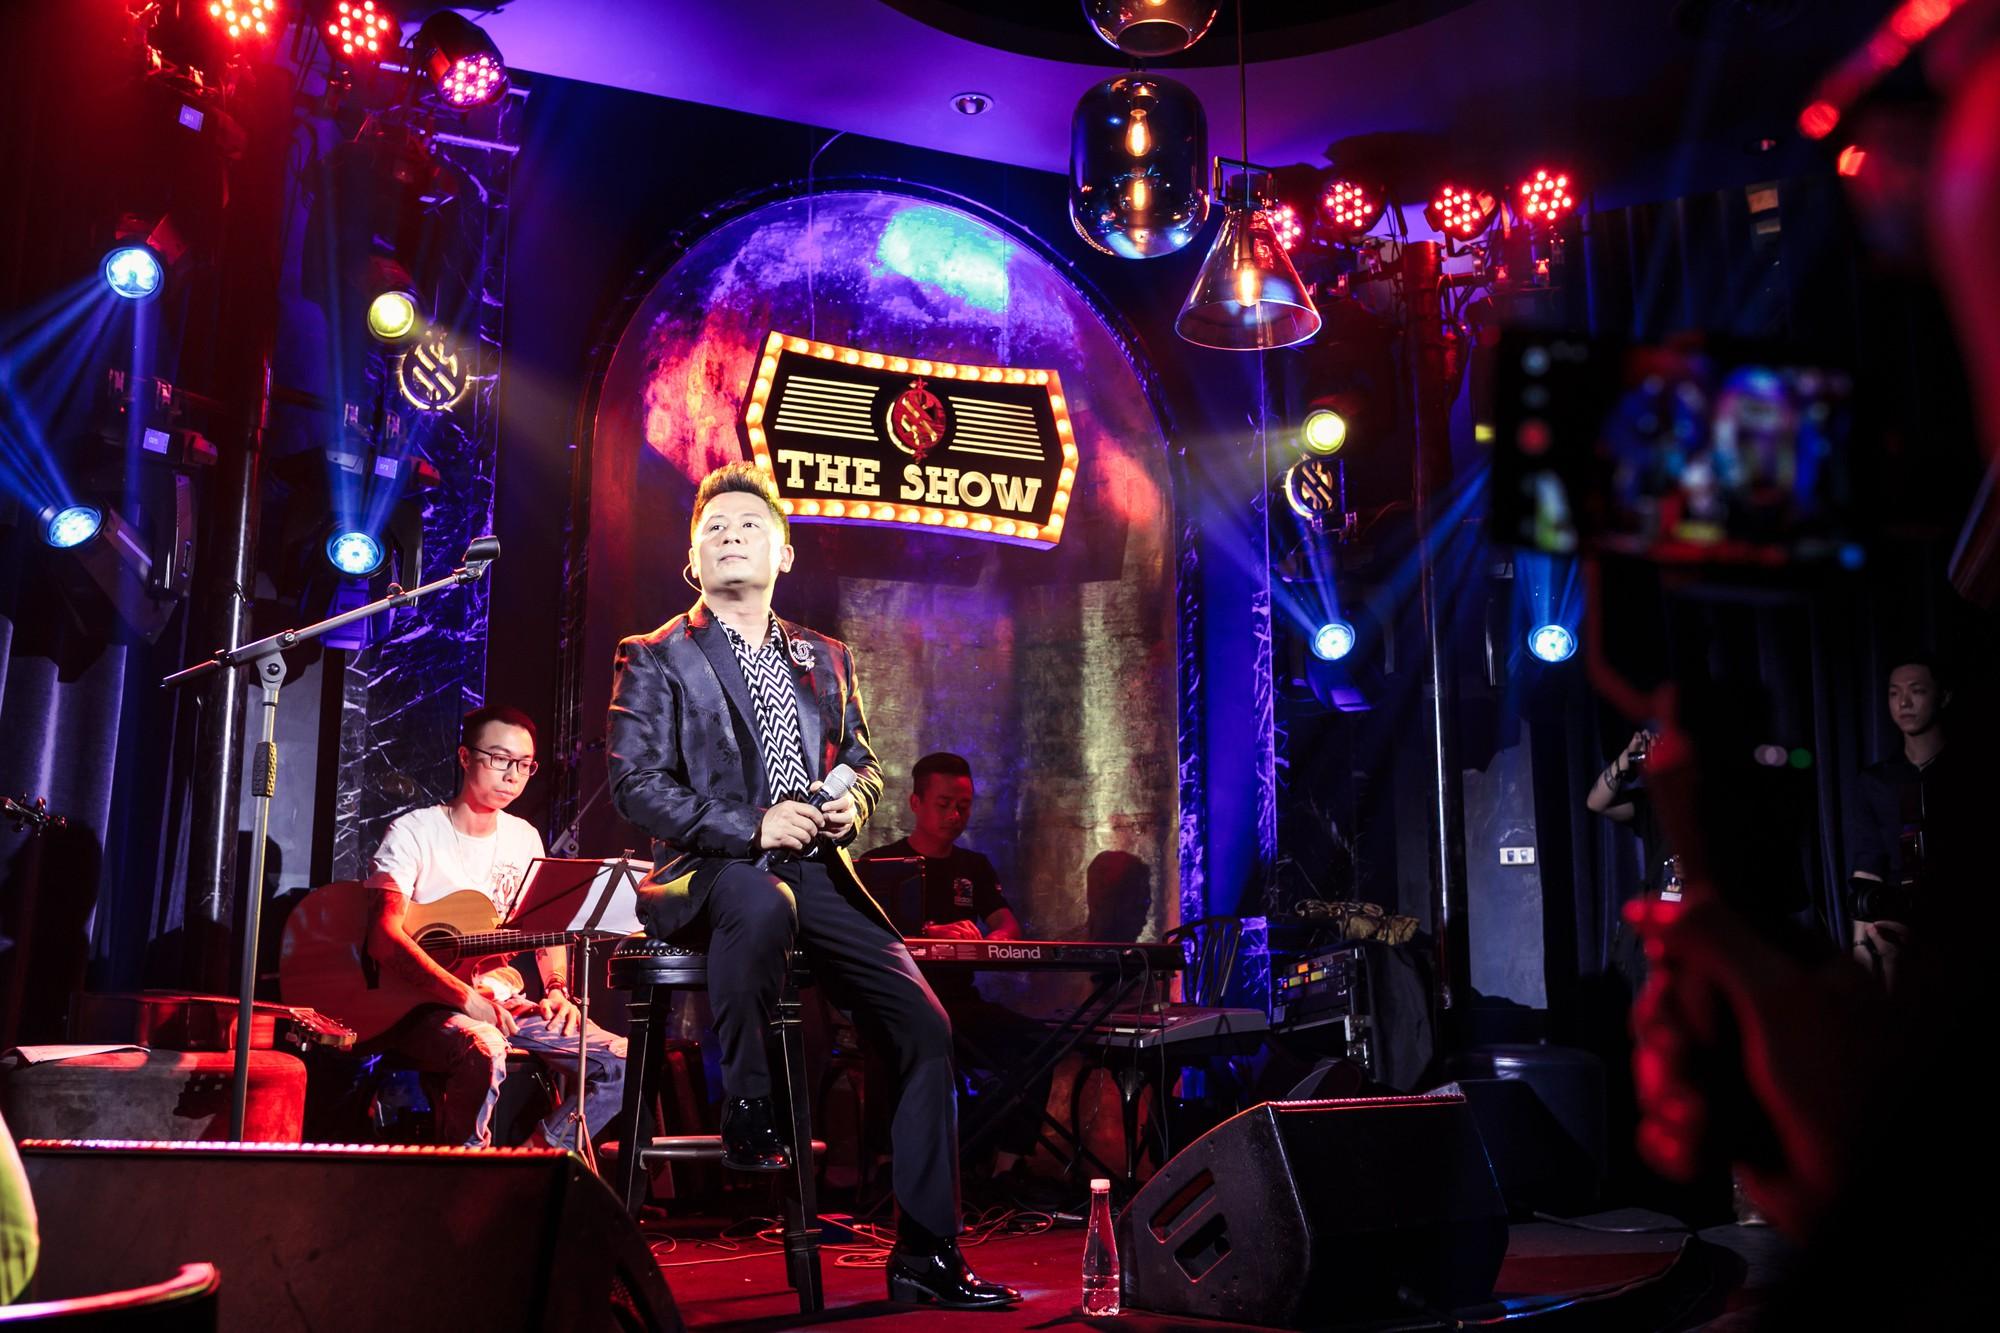 Bằng Kiều xúc động vì được tặng điếu cày trên sân khấu kỷ niệm 30 năm ca hát  - Ảnh 7.